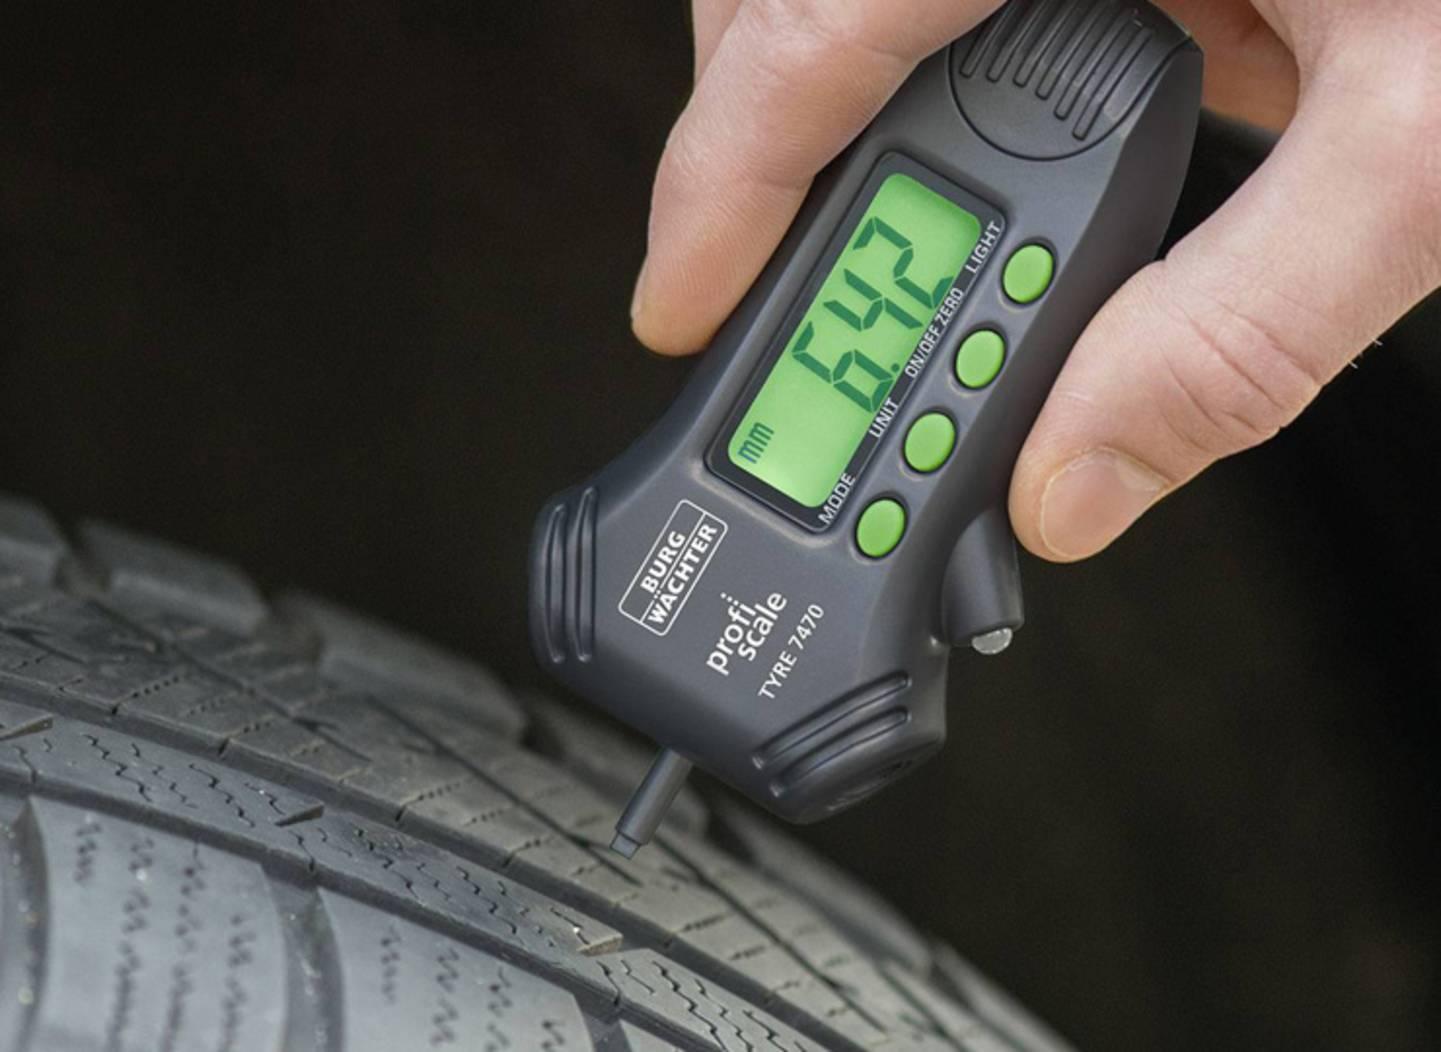 Profieltiefe prüfen - Reifenprofilmesser ansehen »